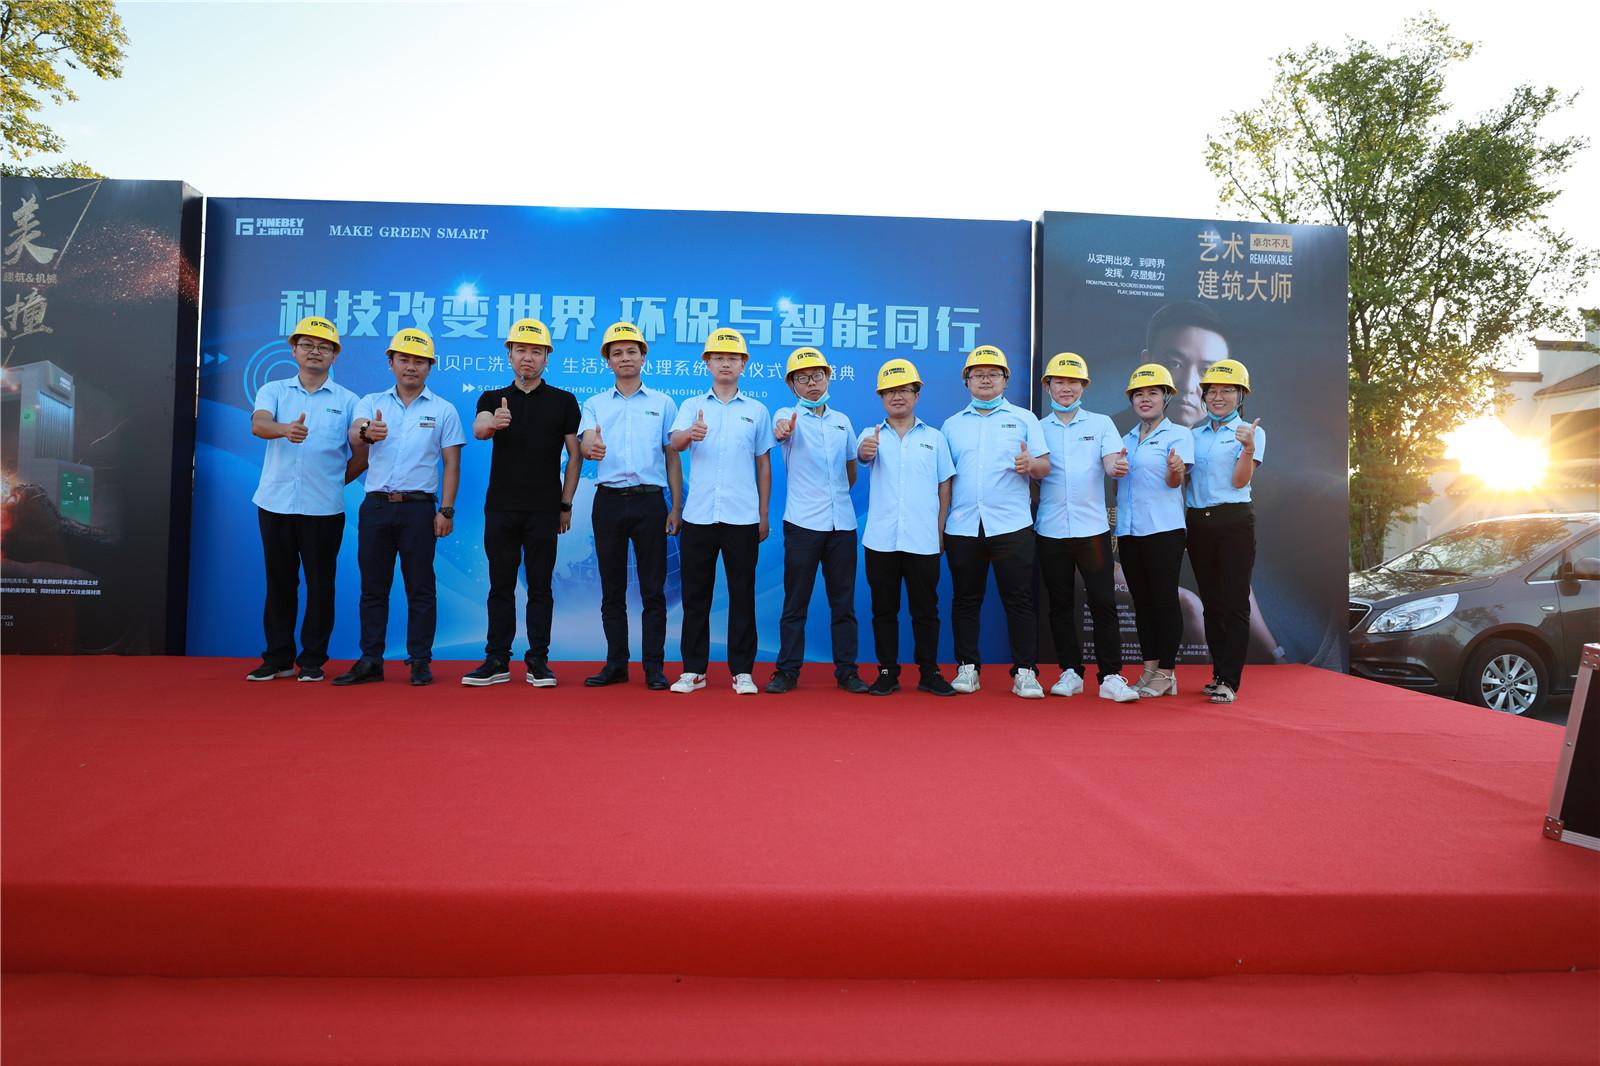 """【揭秘】上海凡贝2020""""科技改变世界 环保与智能同行""""新品发布会有哪些亮点(视频)"""